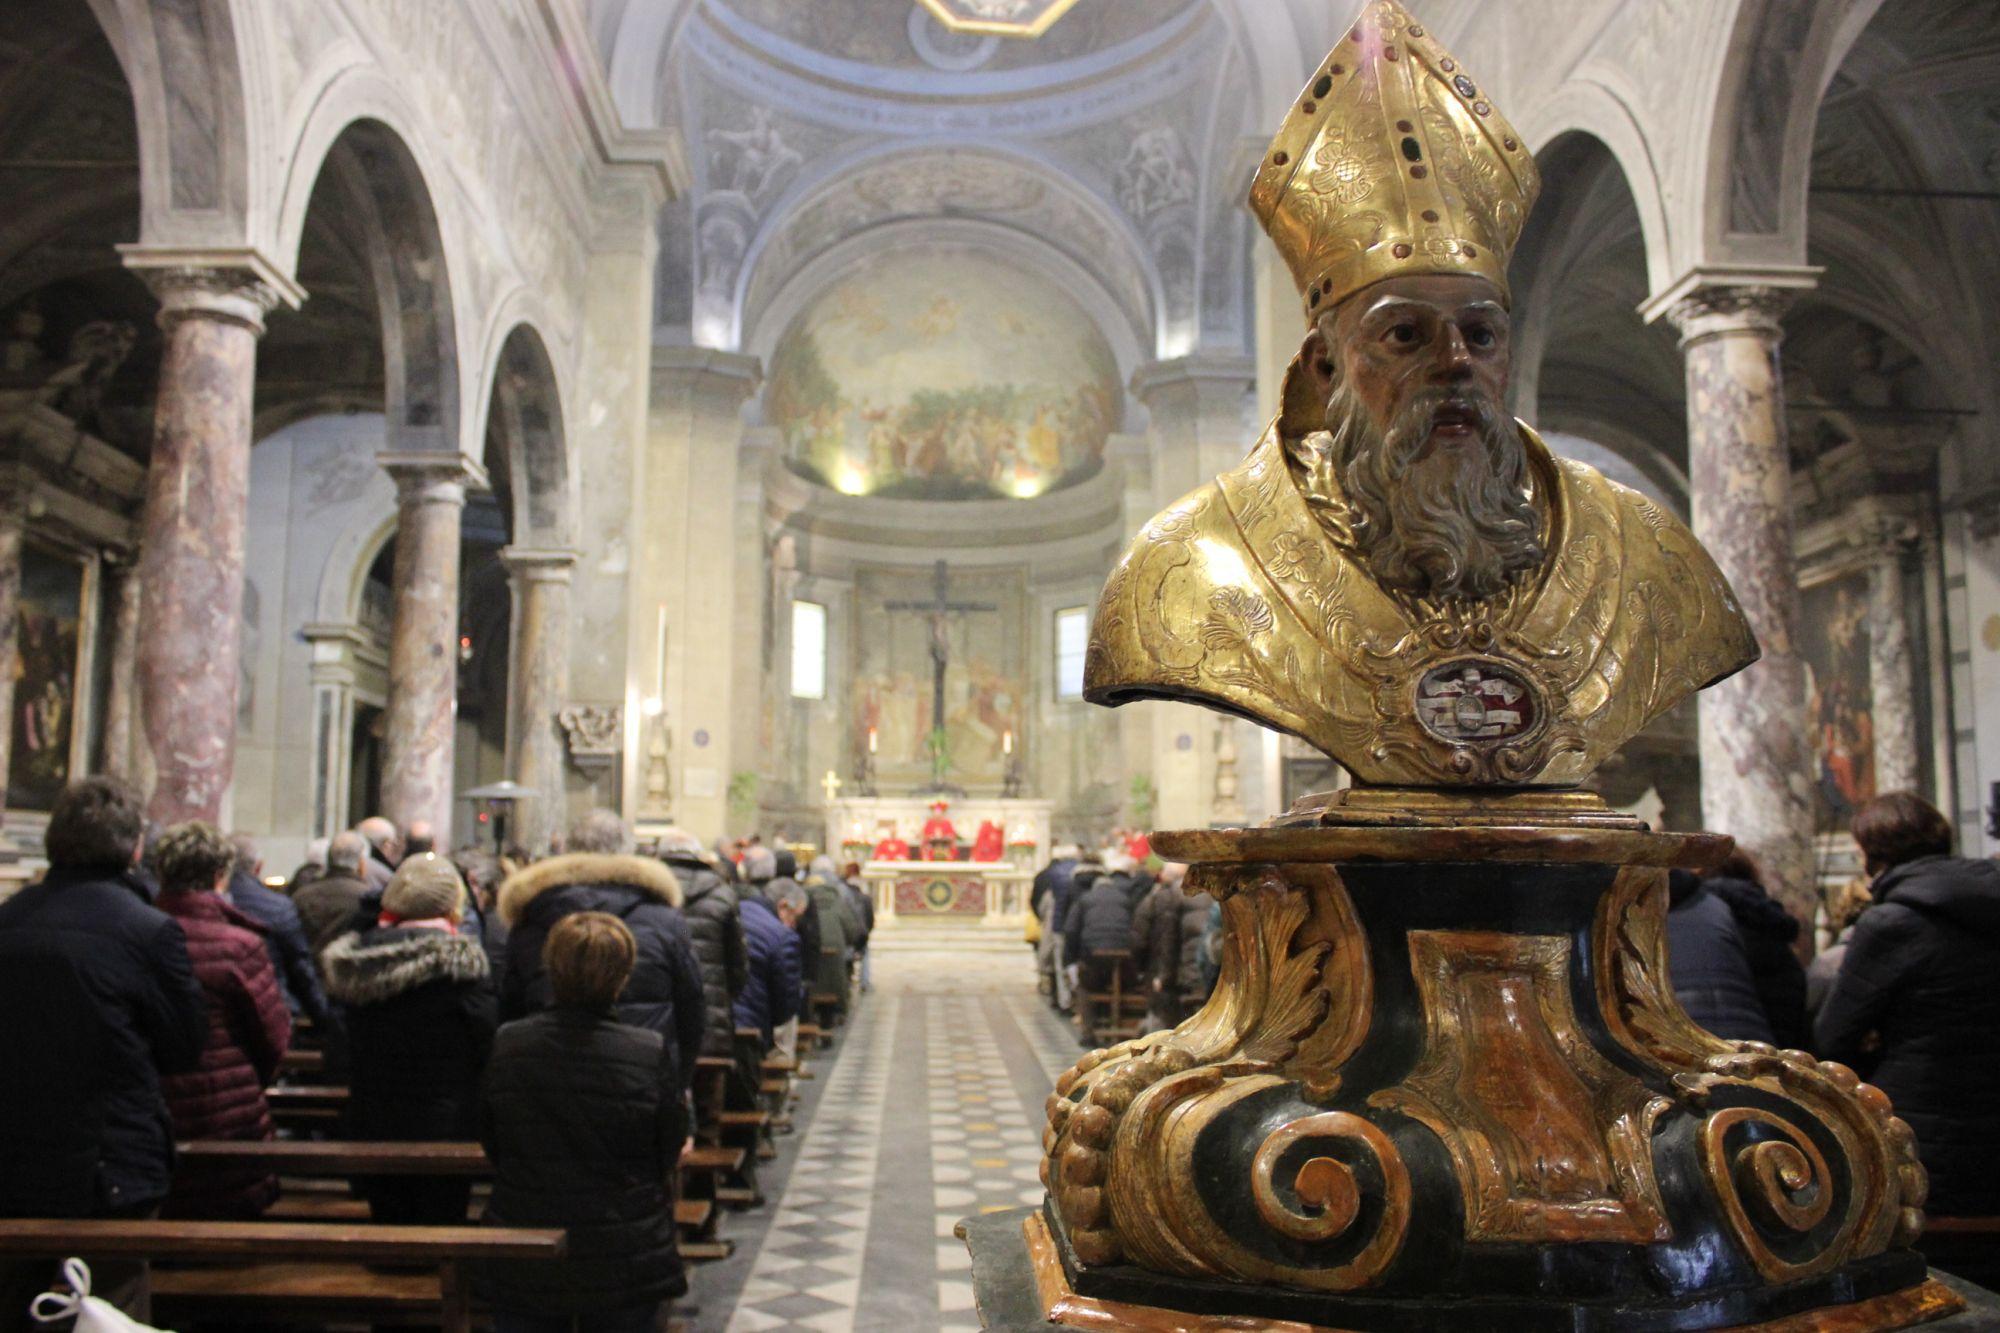 San Biagiodarecord,240 espositori tra sacro e profano